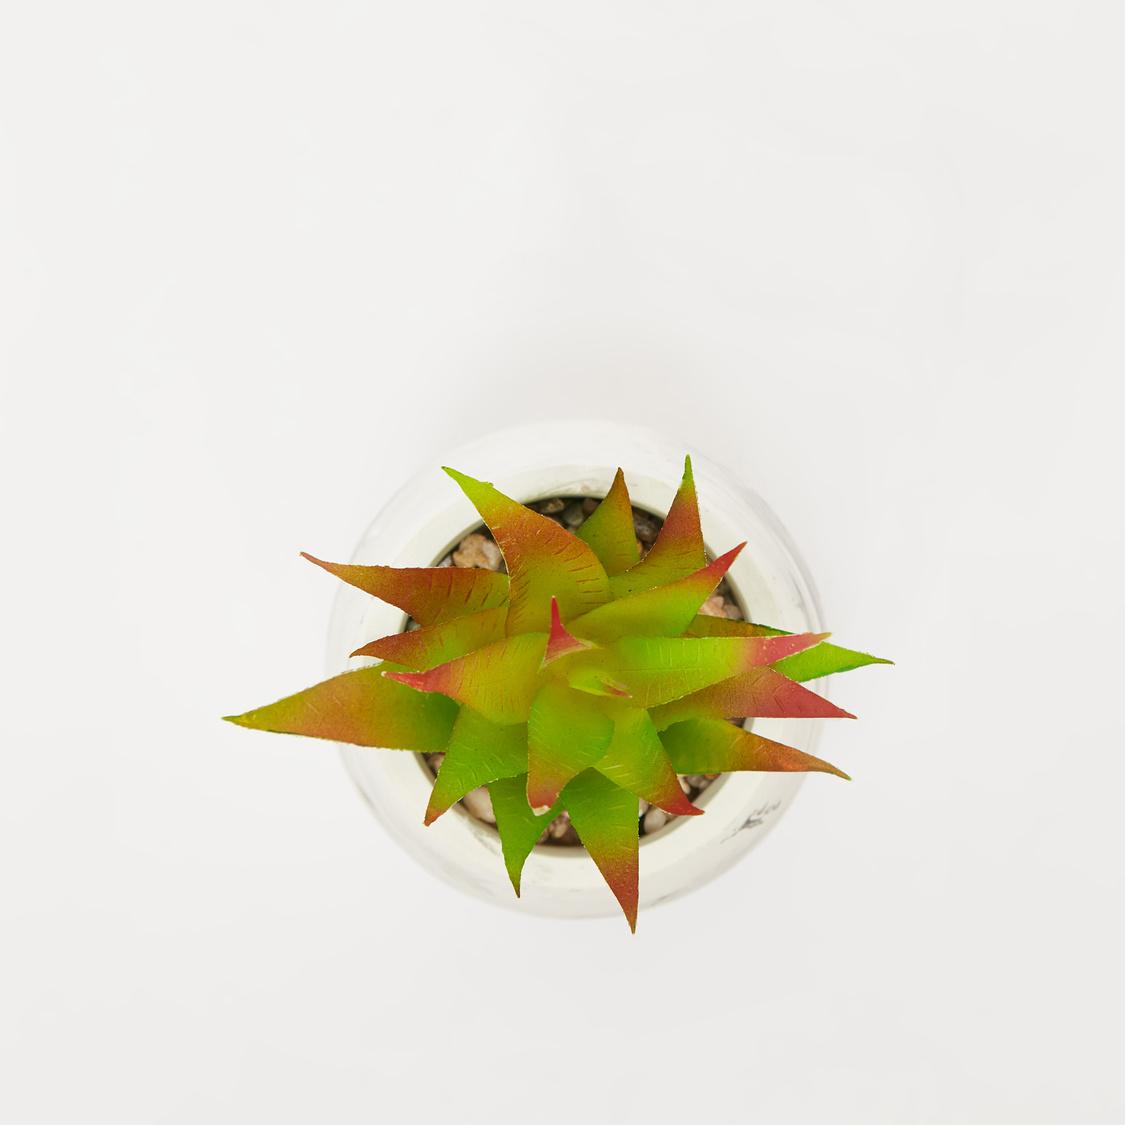 نبات عصاري صناعي في إصيص بطبعات رخامية